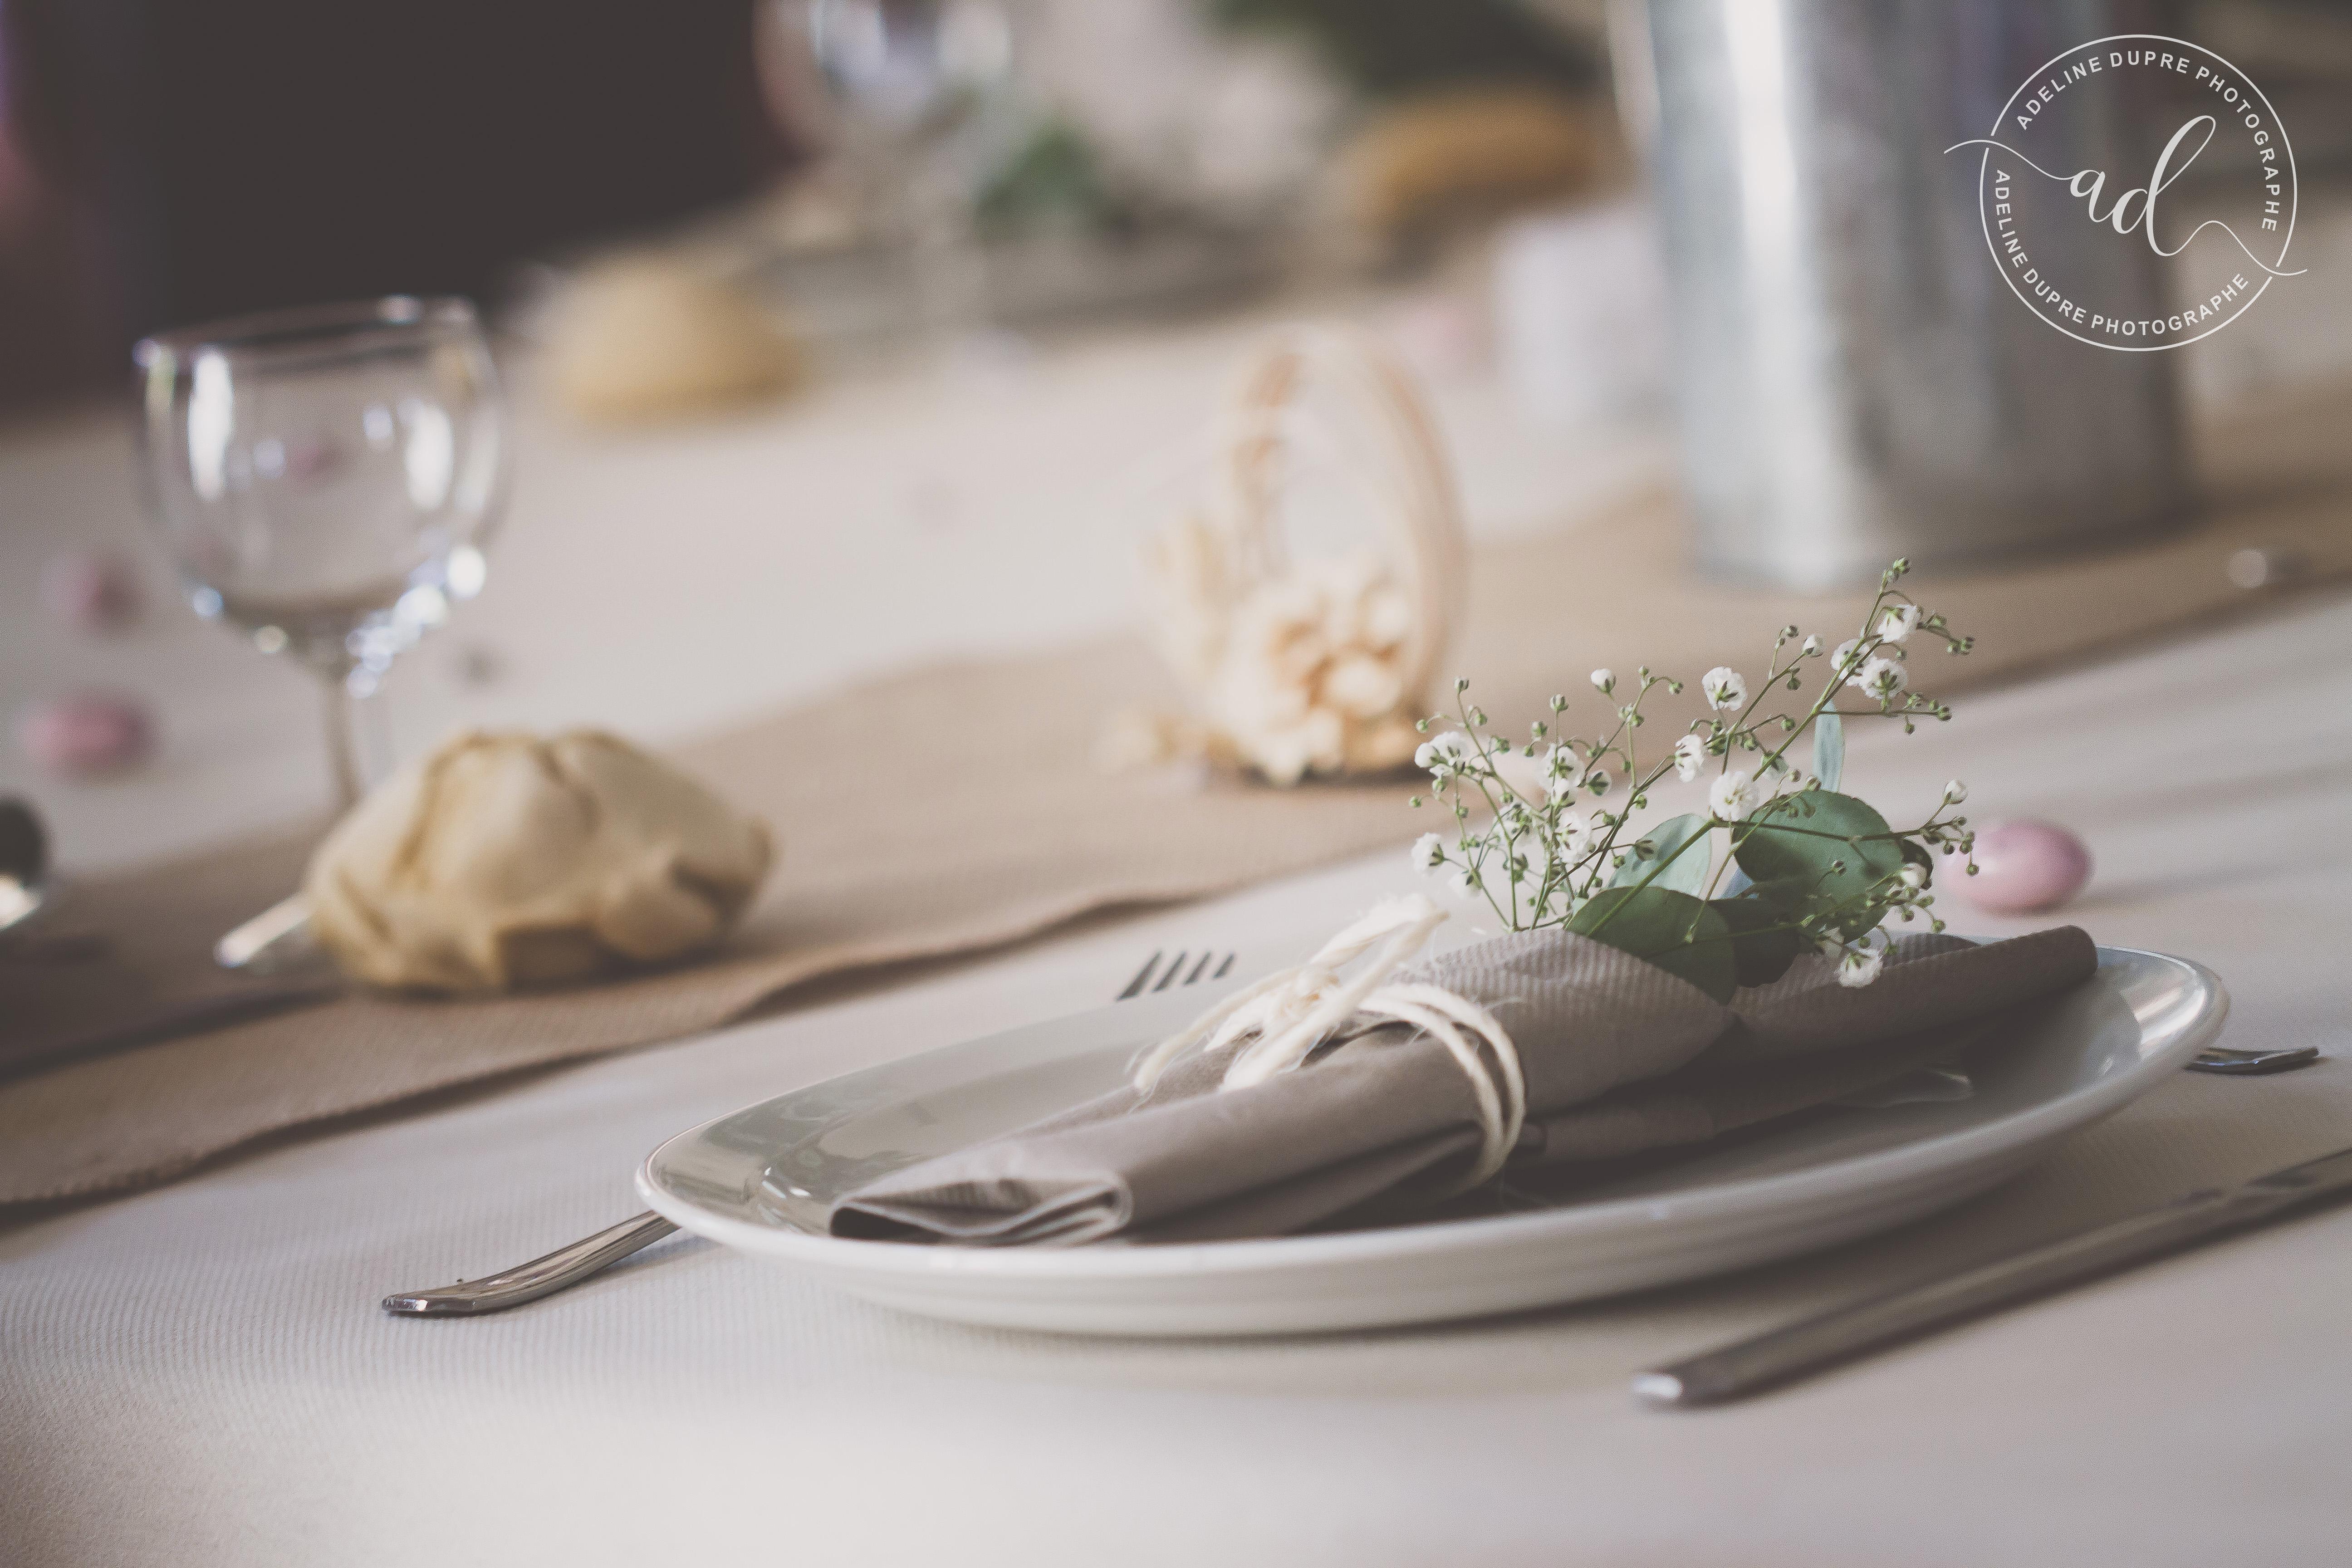 Adeline_Dupré_photographe_mariage_yonne_auxerre